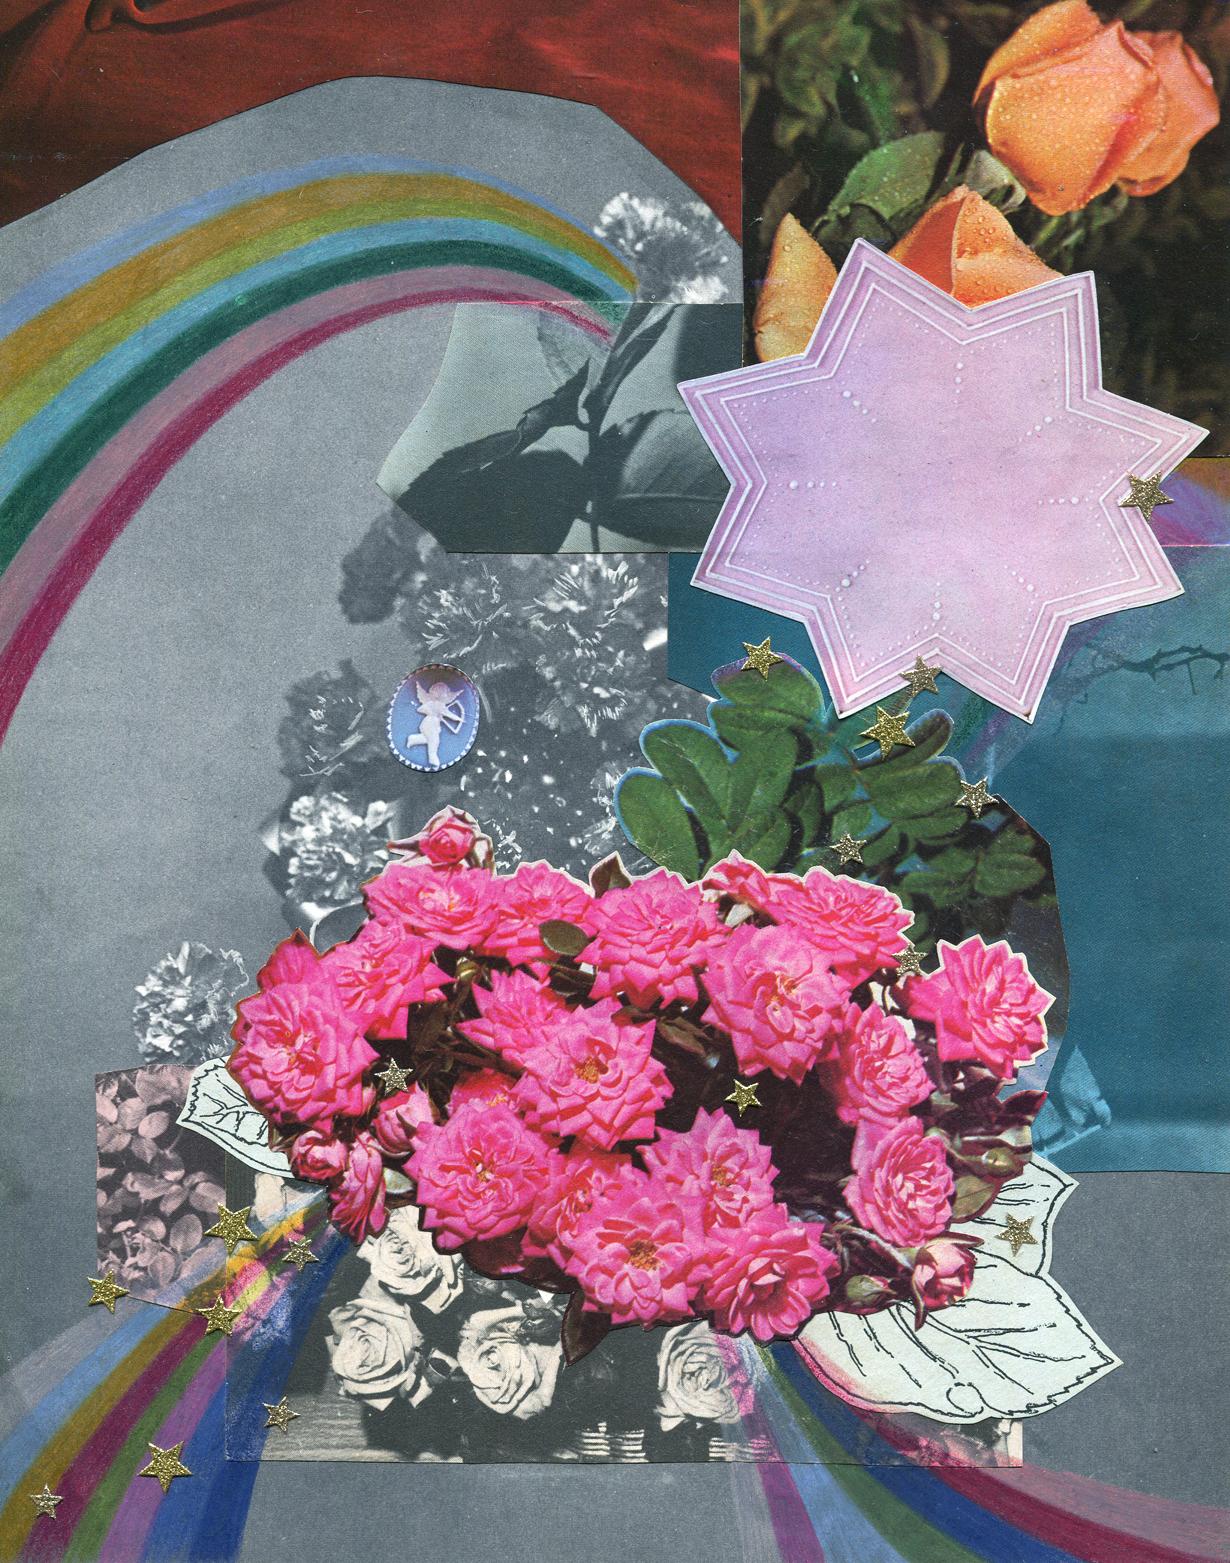 Rainbow Rose Garden #3, collage, found paper, pencil